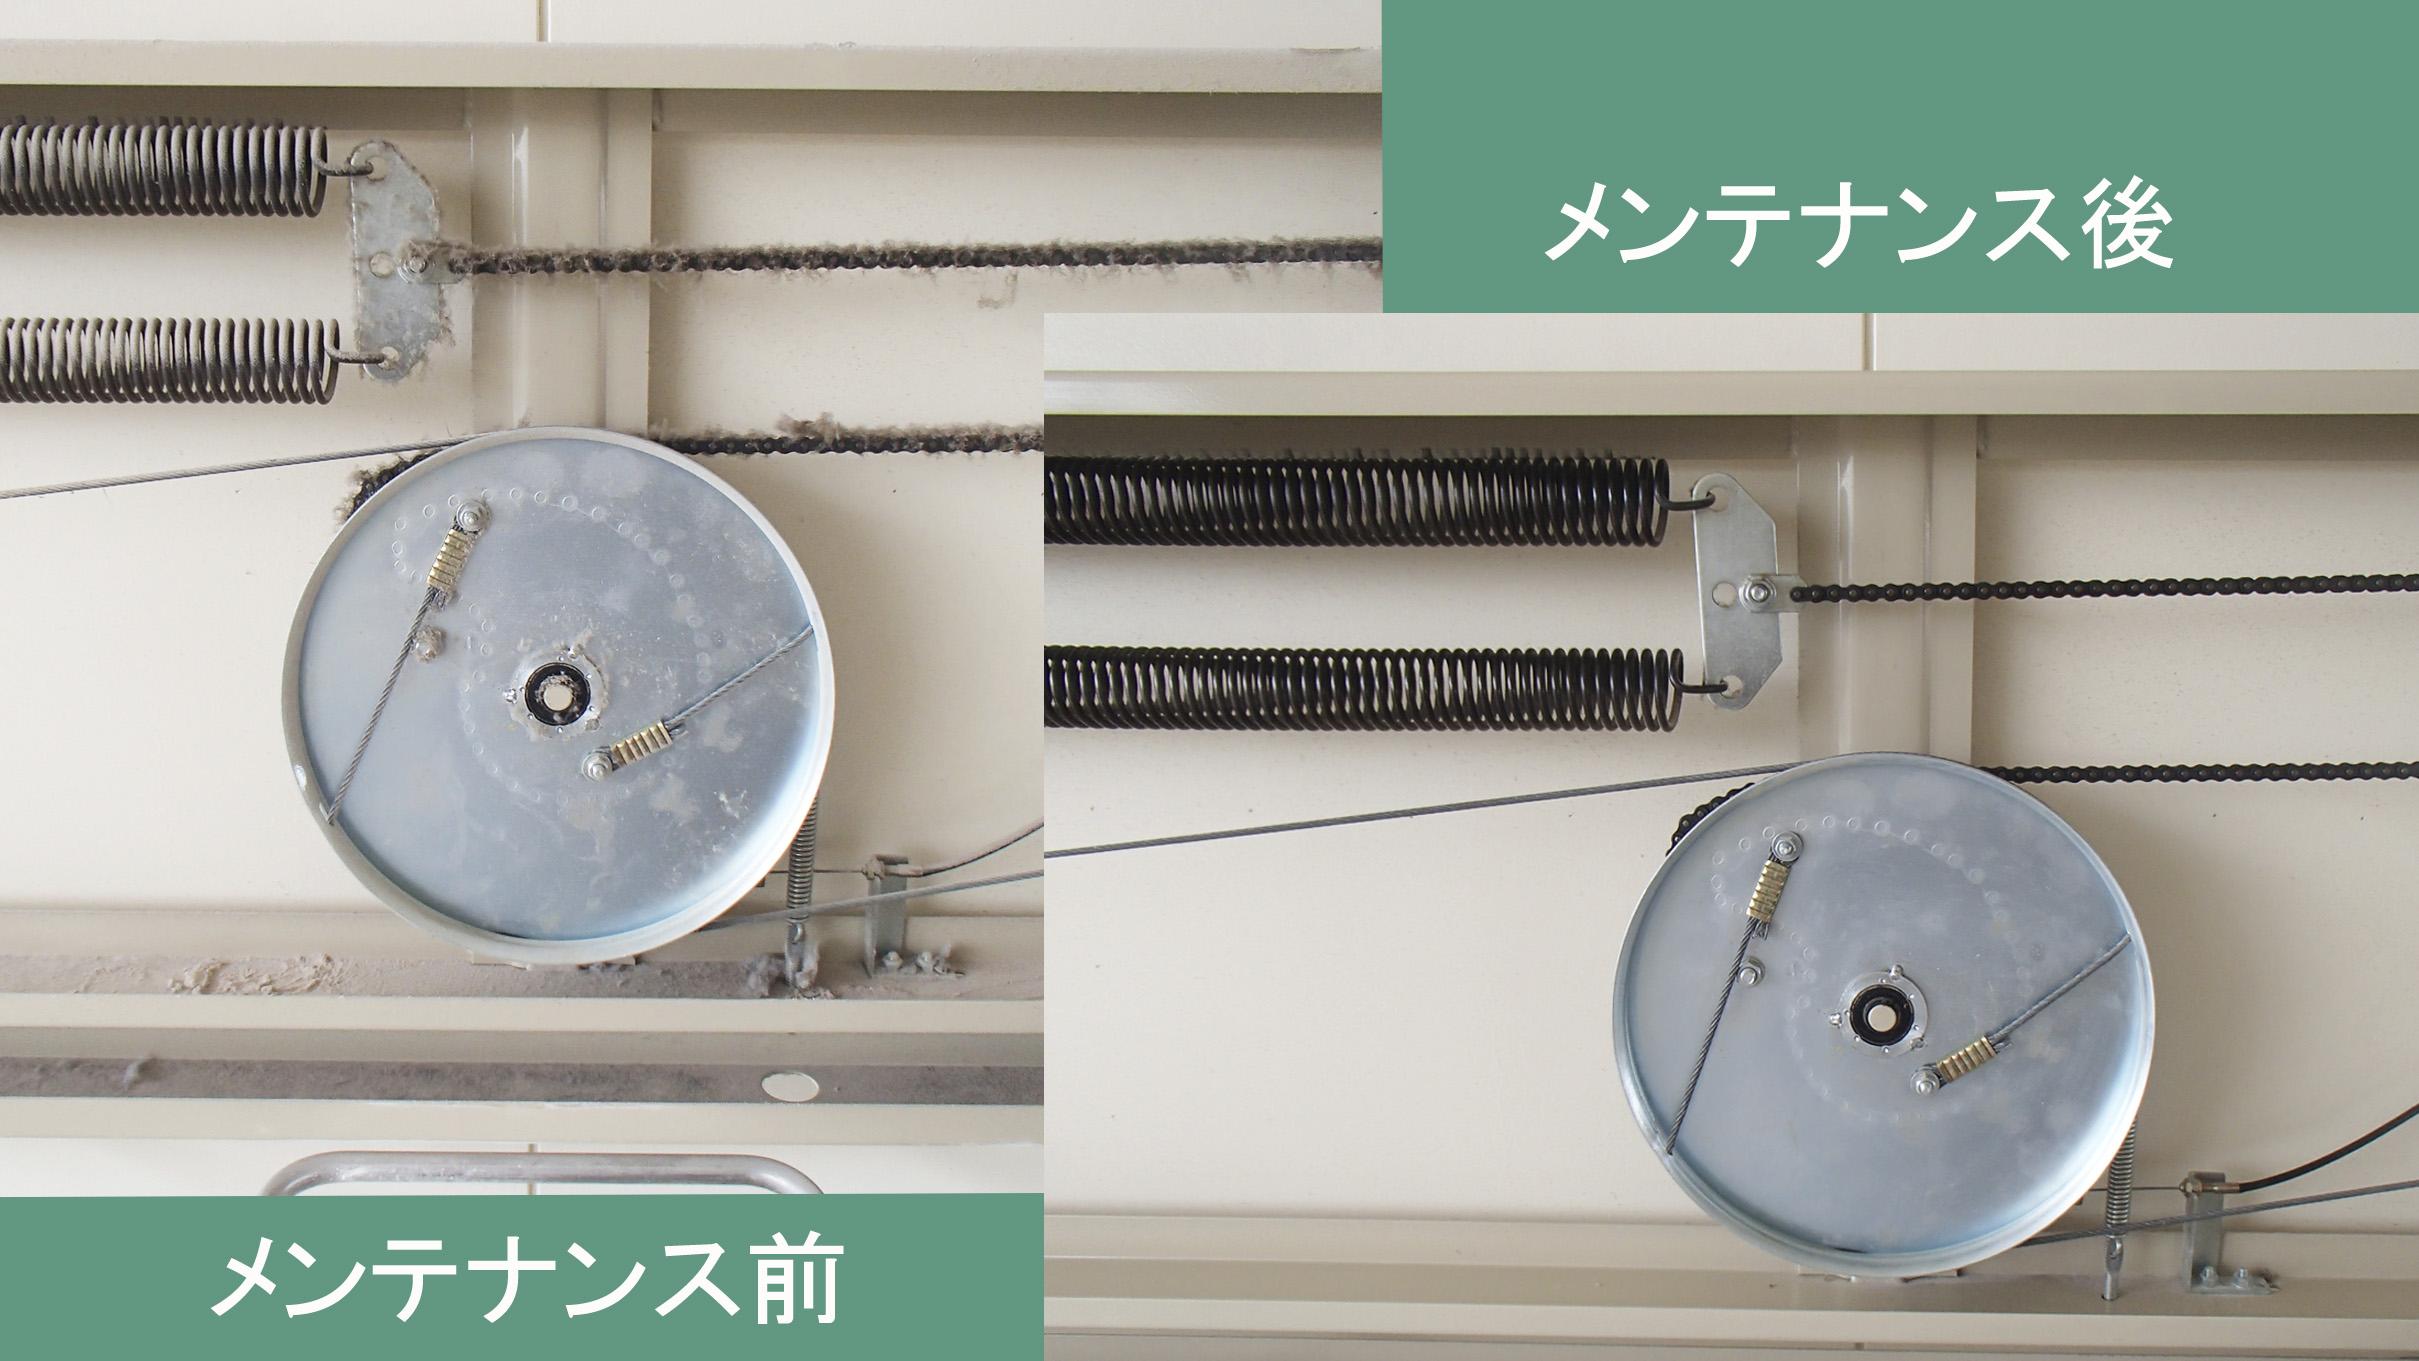 UD式(清掃メンテナンス)